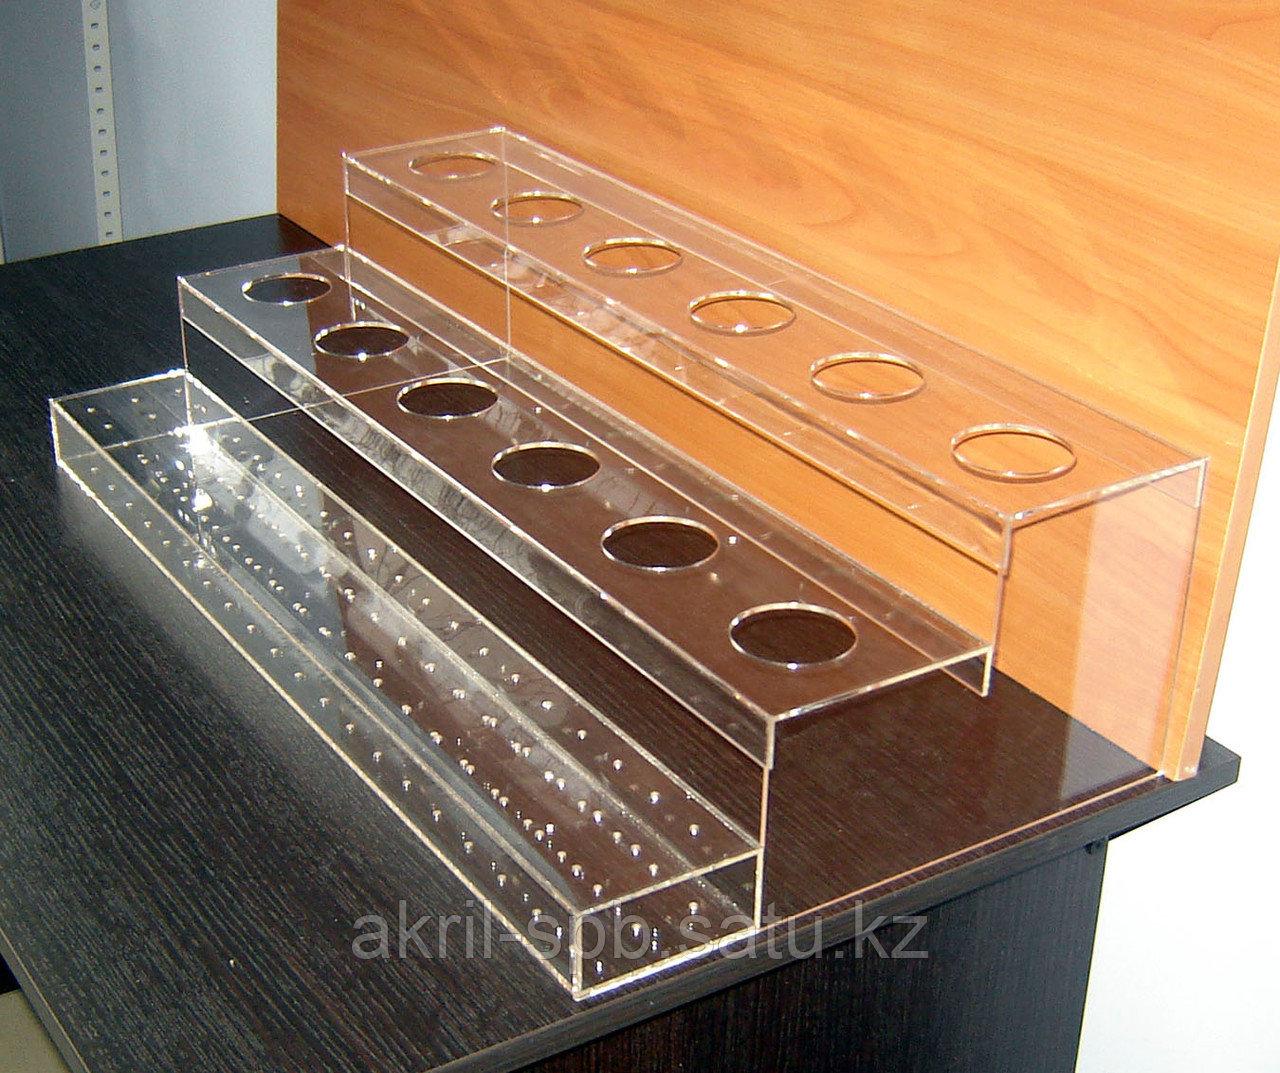 Подставка для рожков мороженое 95х130х180